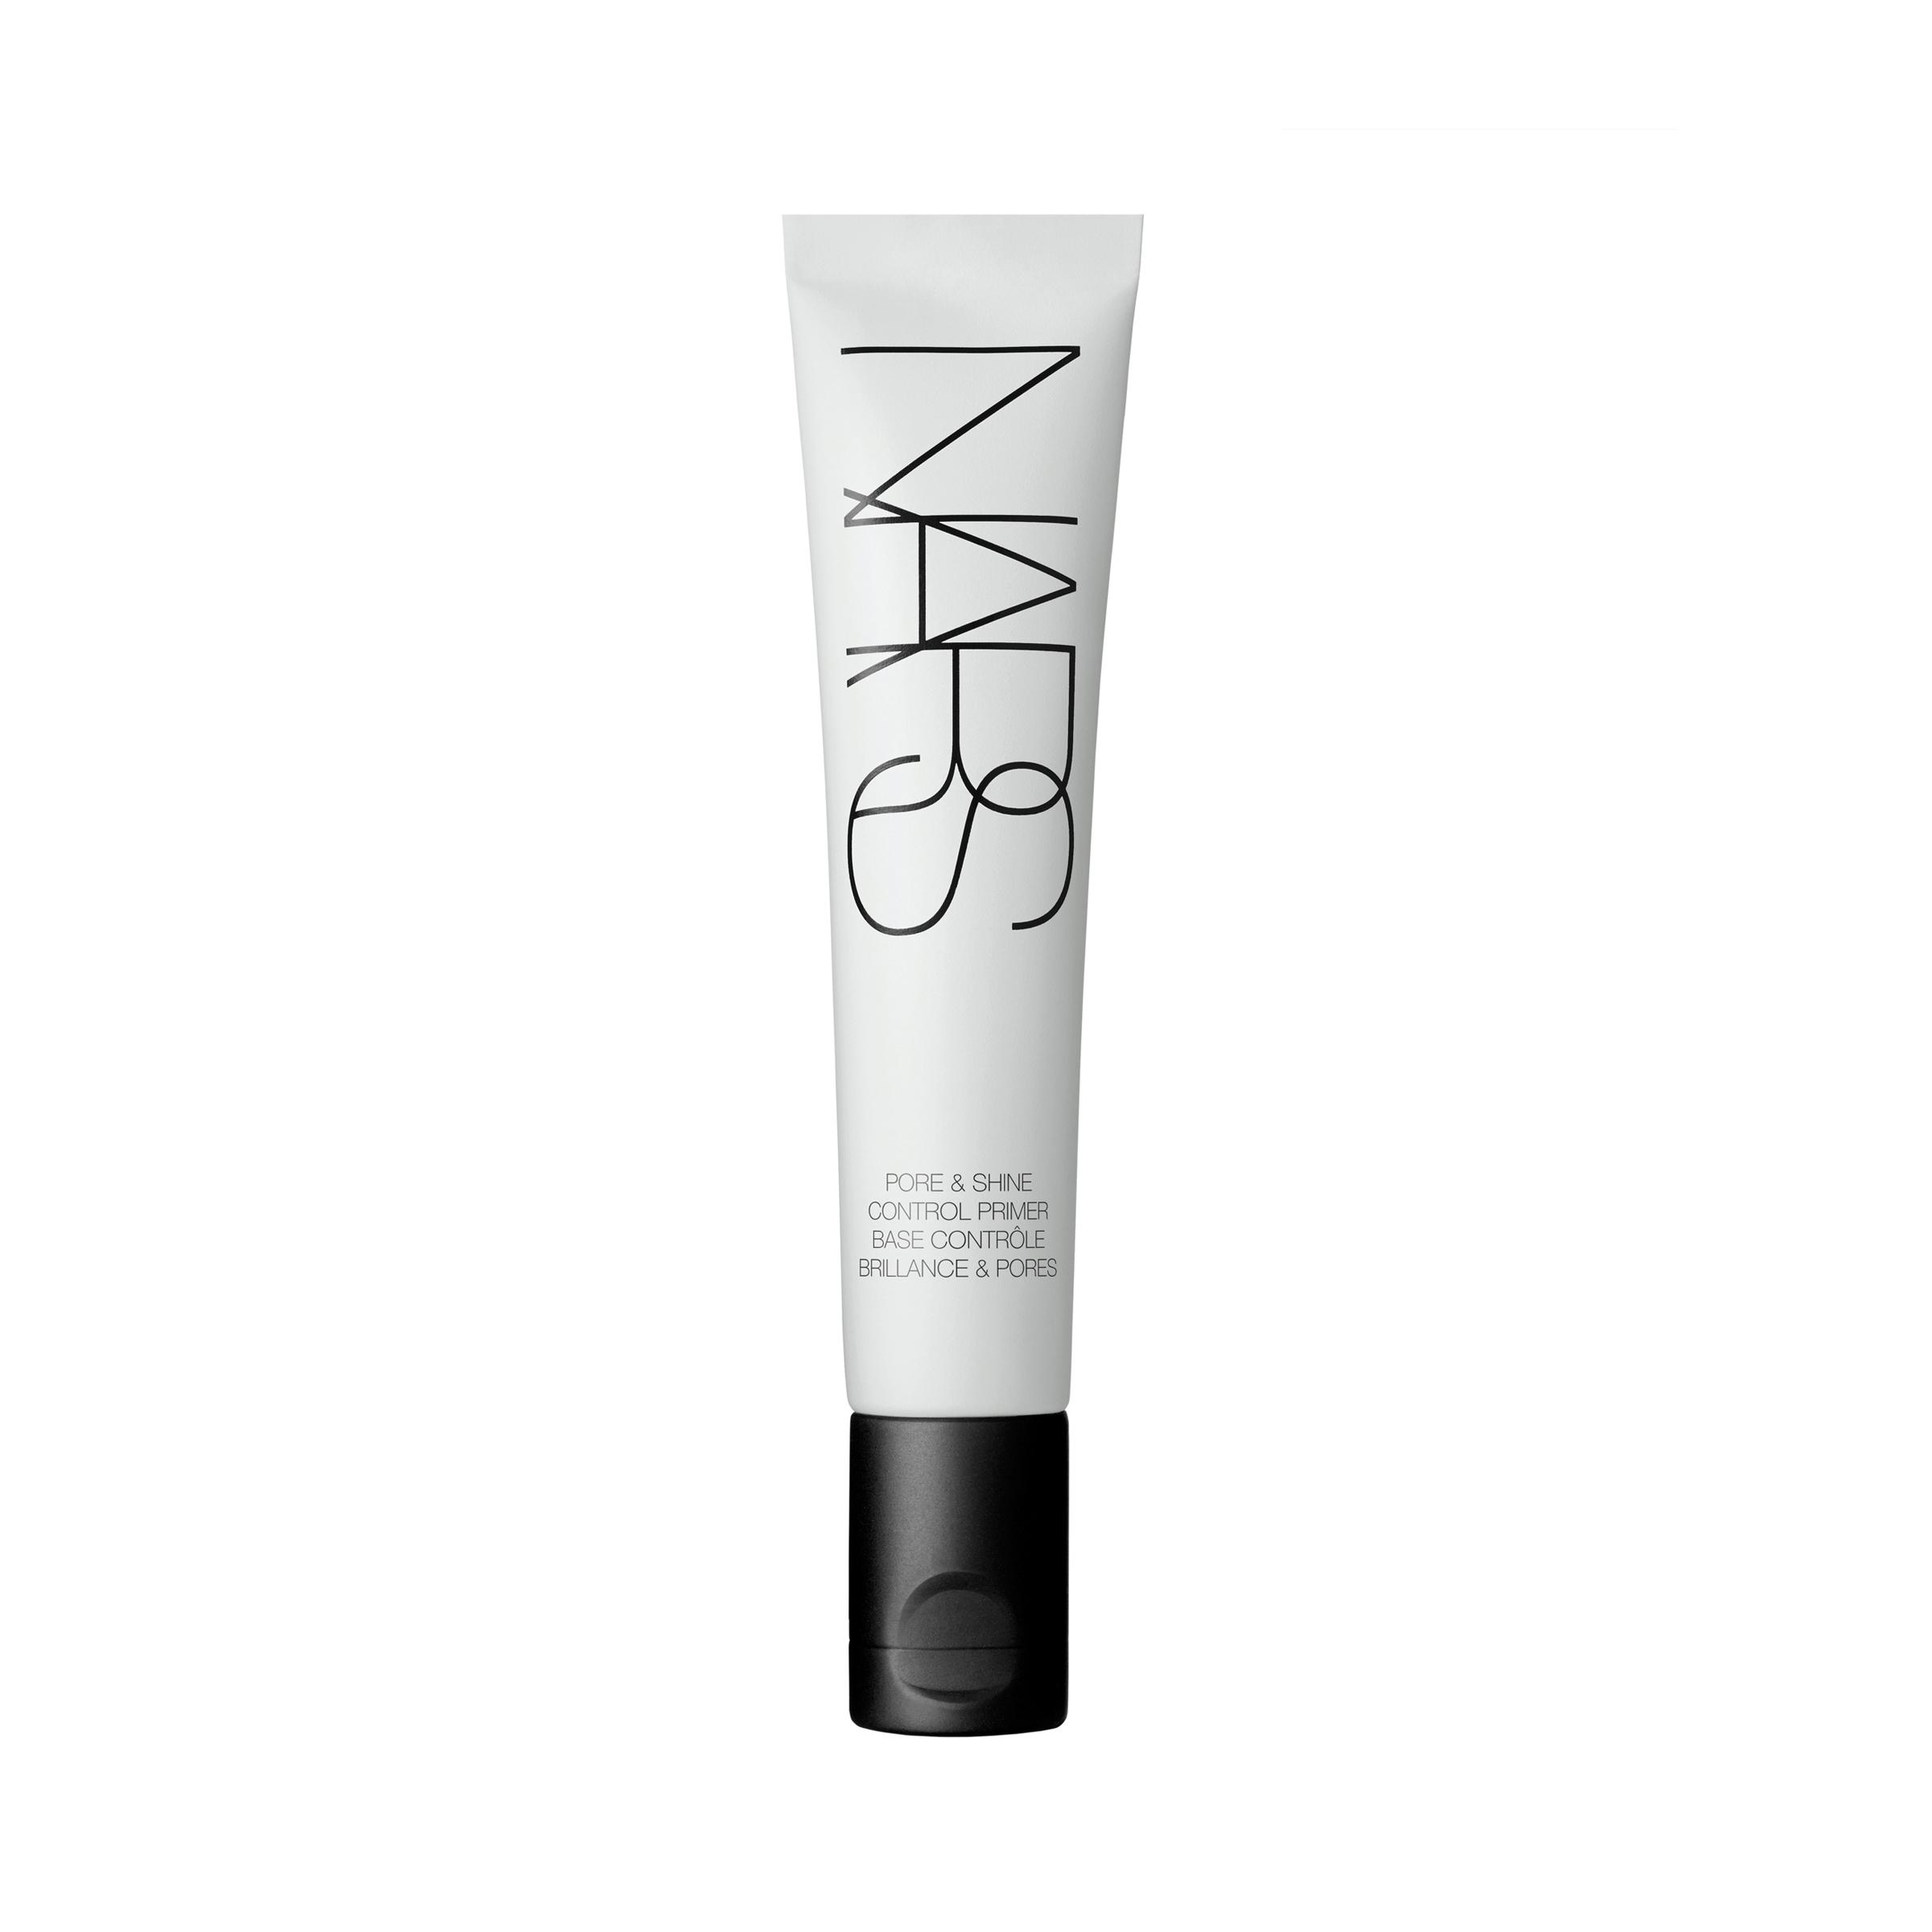 Pore & Shine Control Primer 30ml